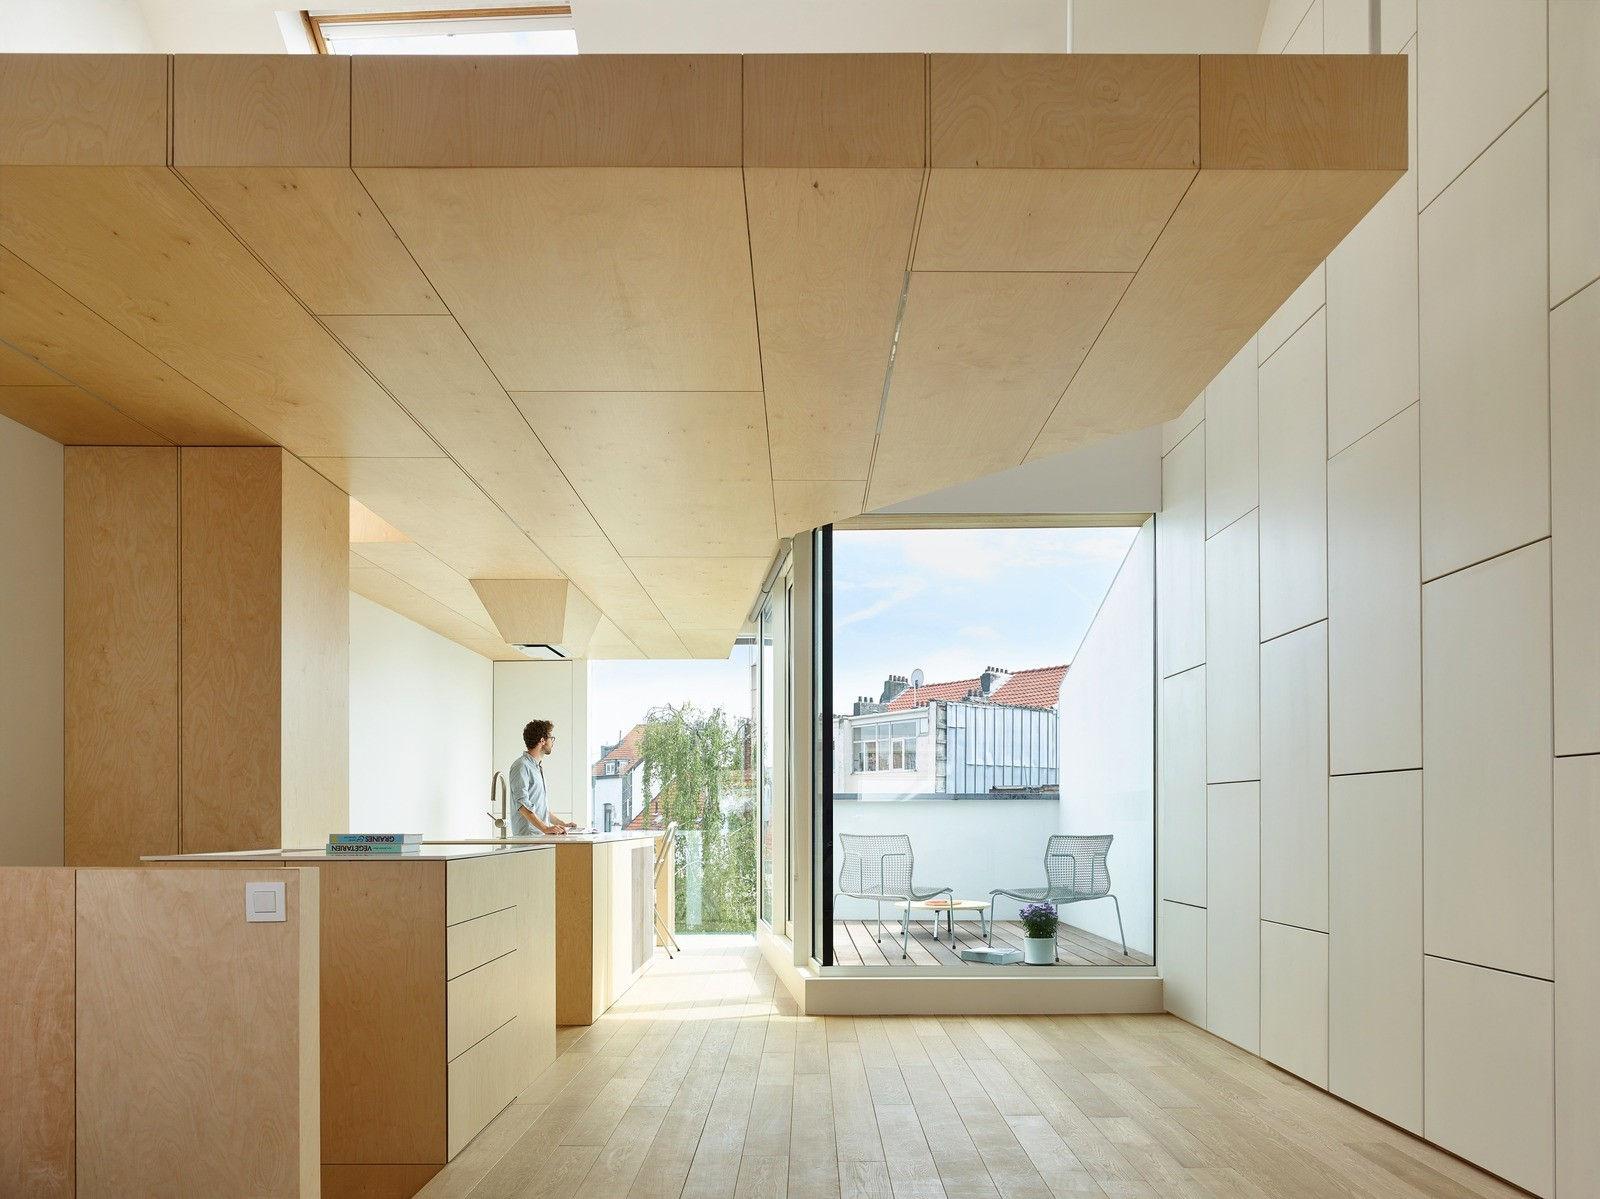 House-in-Belgium-just3ds.com-10